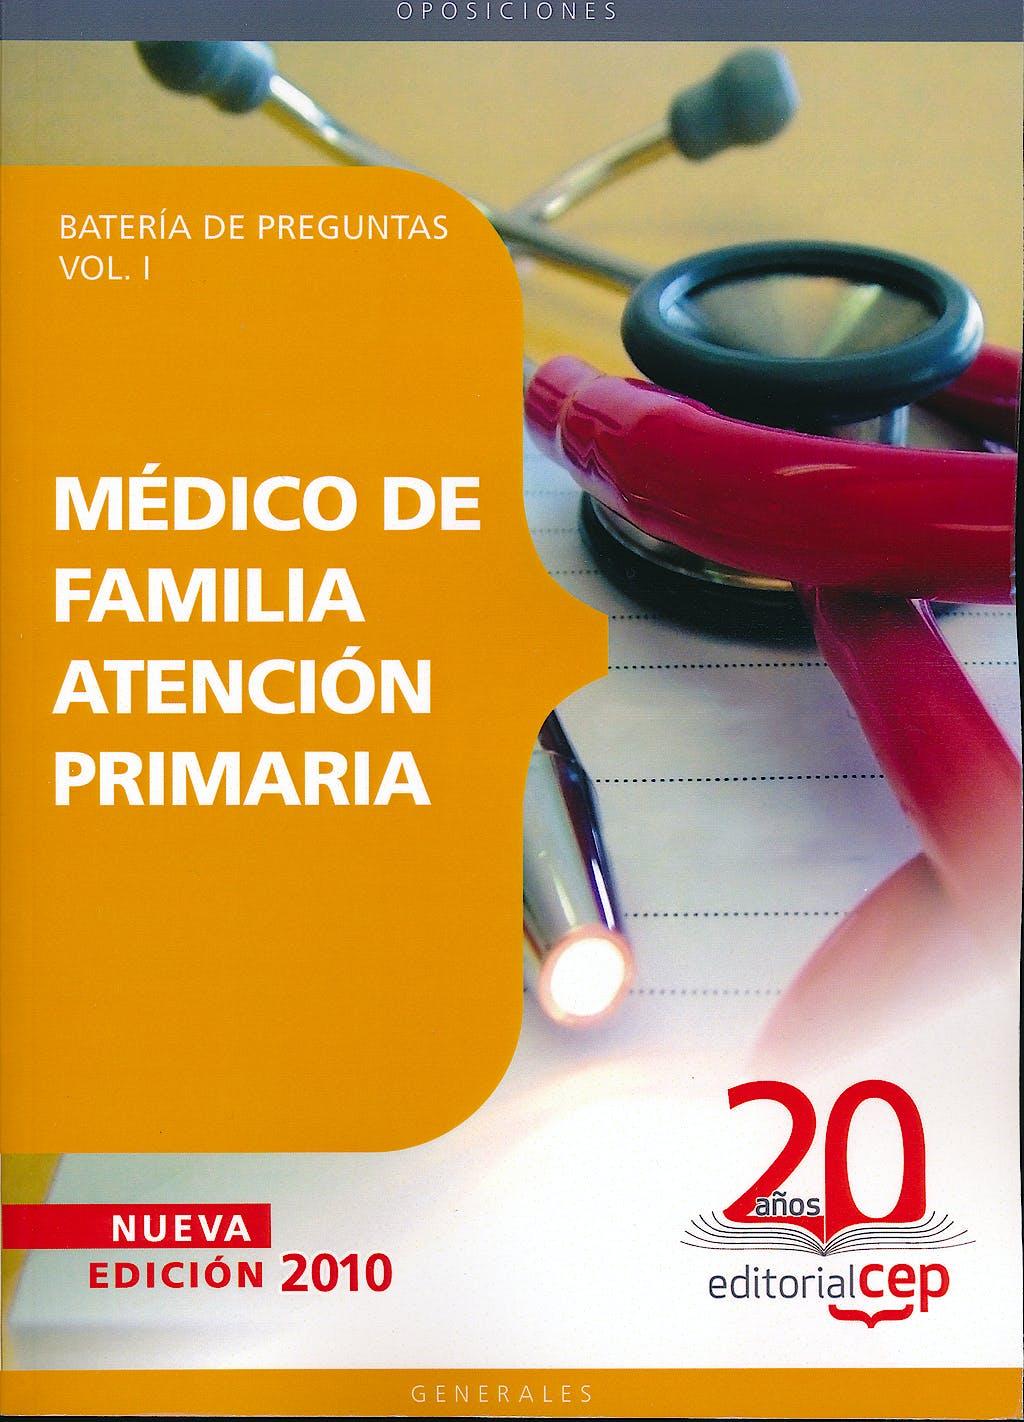 Portada del libro 9788468106175 Medico de Familia Atencion Primaria. Bateria de Preguntas, Vol. I